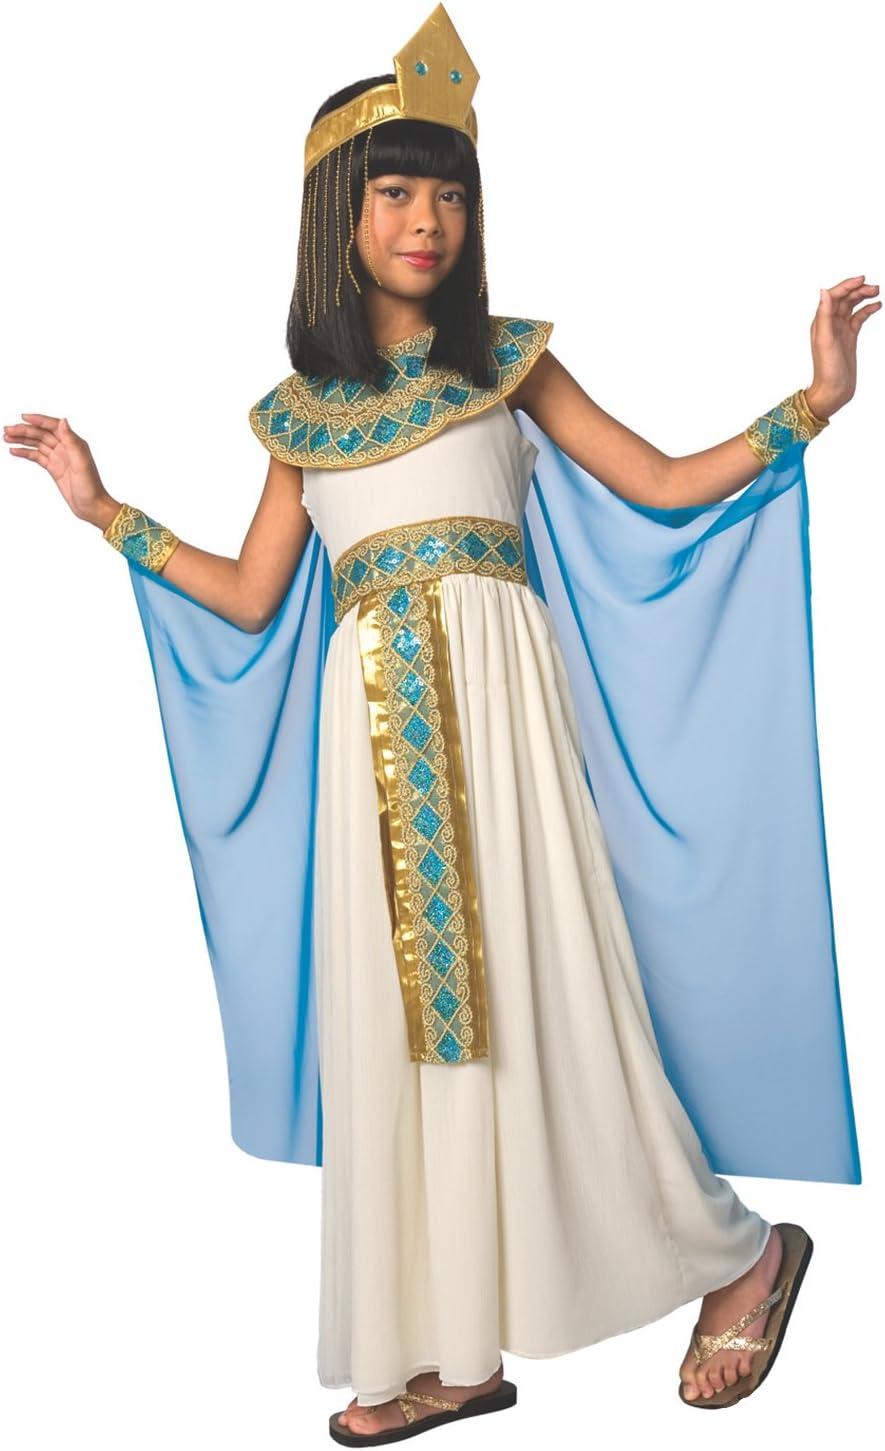 Costume da regina egiziana Cleopatra Nefertari bambina